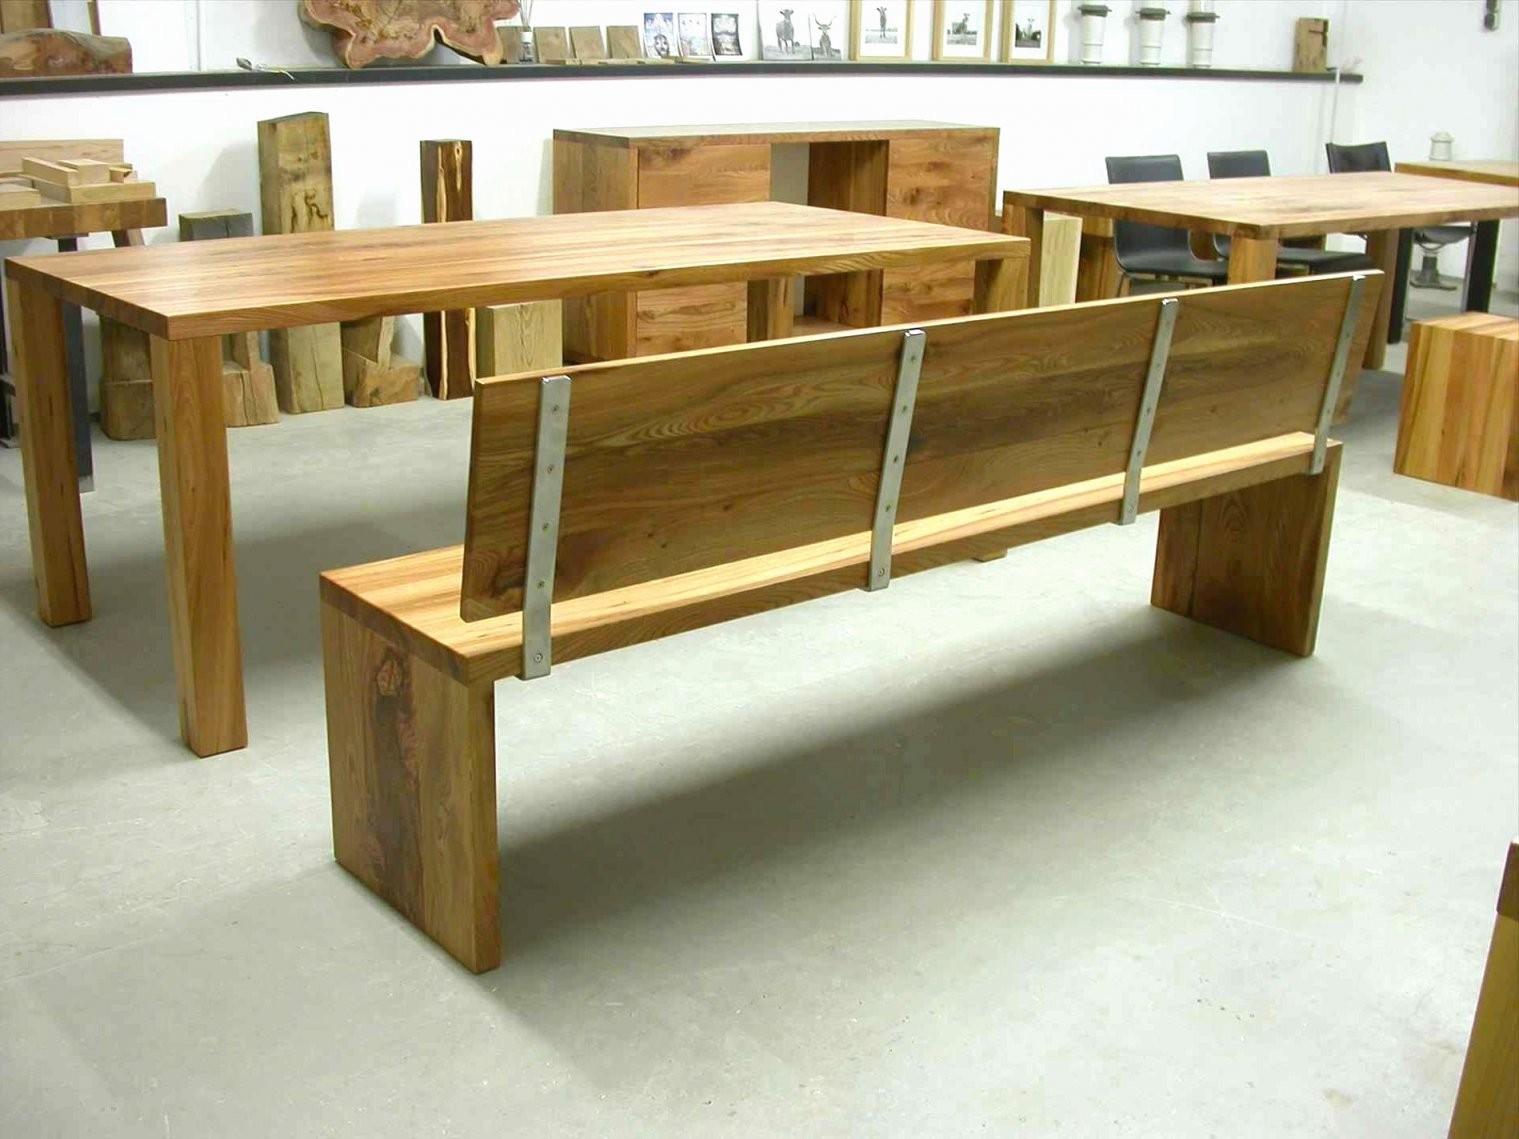 42 Fotos Designs Von Tisch Bank Kombination Selber Bauen Für Konzept von Tisch Bank Kombination Bauanleitung Photo